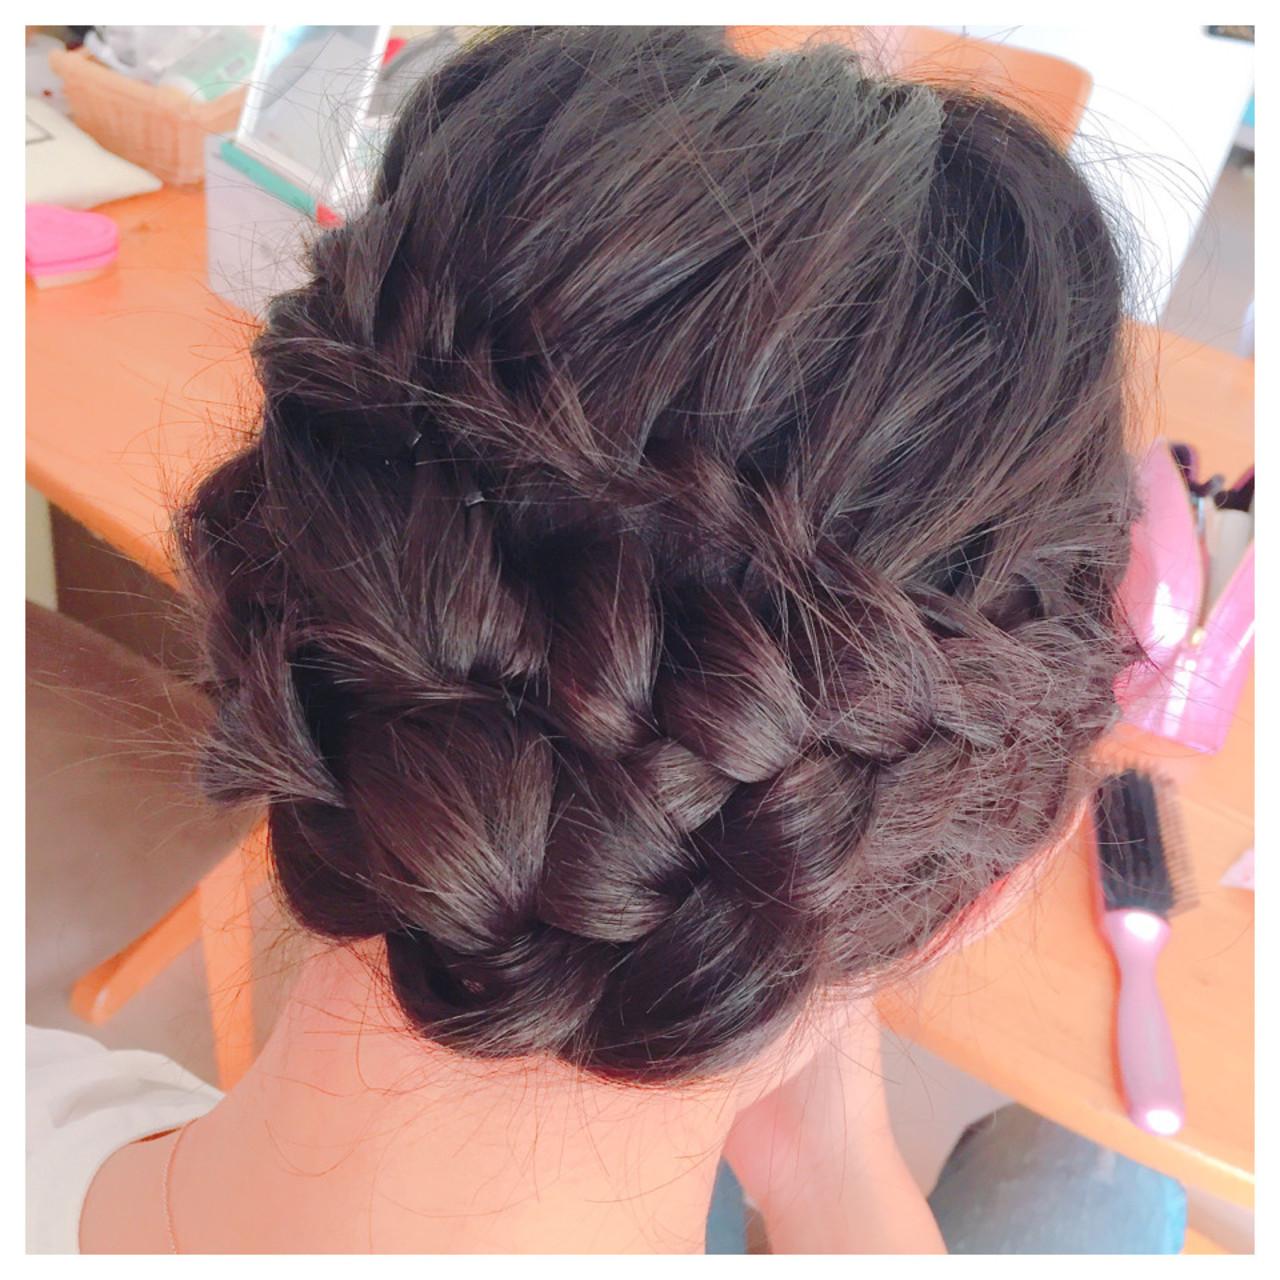 夏 アップスタイル ロング ヘアアレンジ ヘアスタイルや髪型の写真・画像